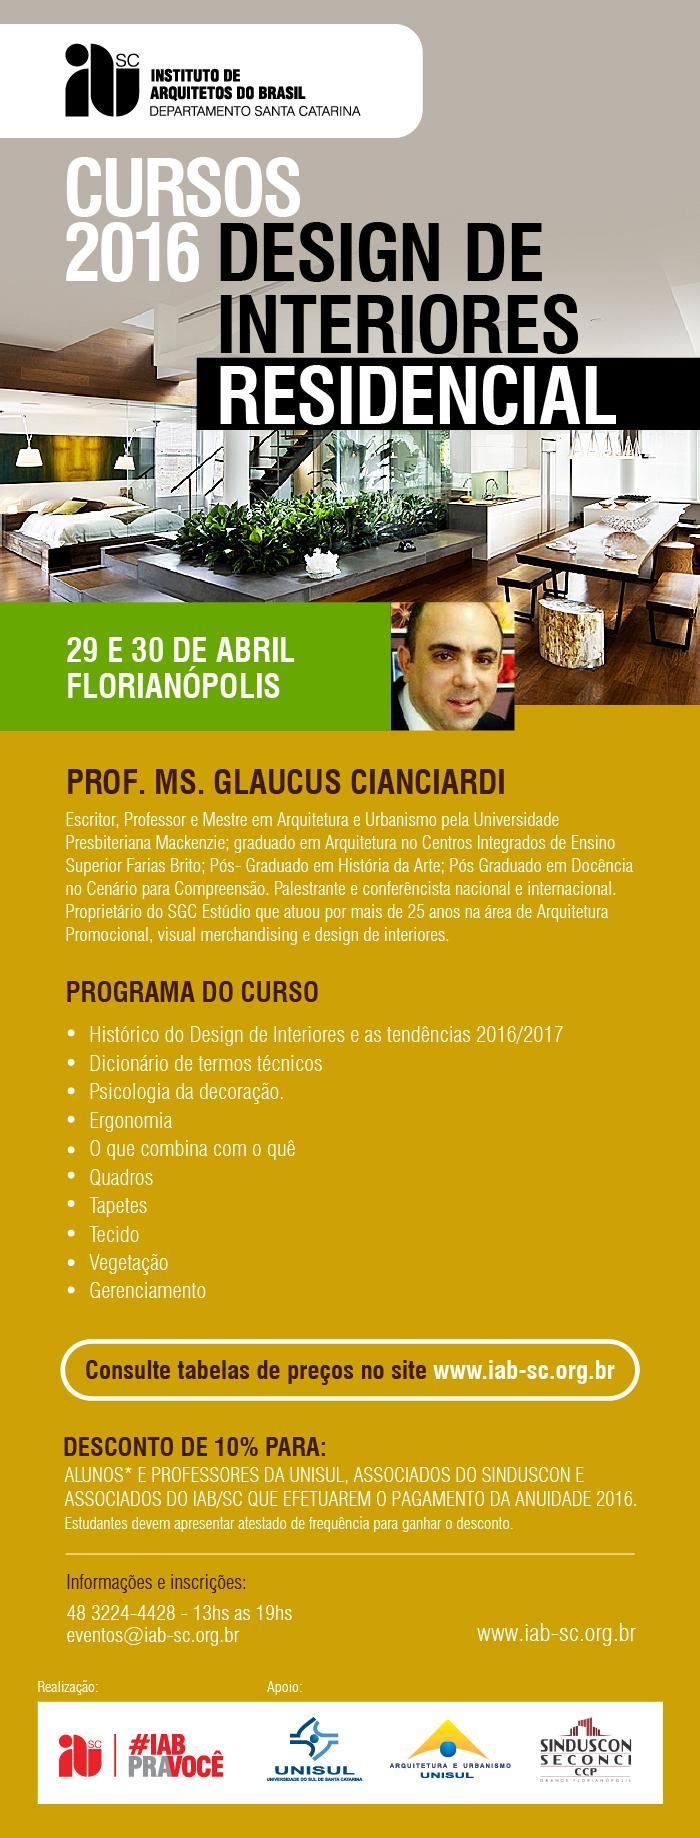 Curso confirmado design de interiores residencial 29 e 30 de abril florian polis sc iab sc - Curso de disenador de interiores ...